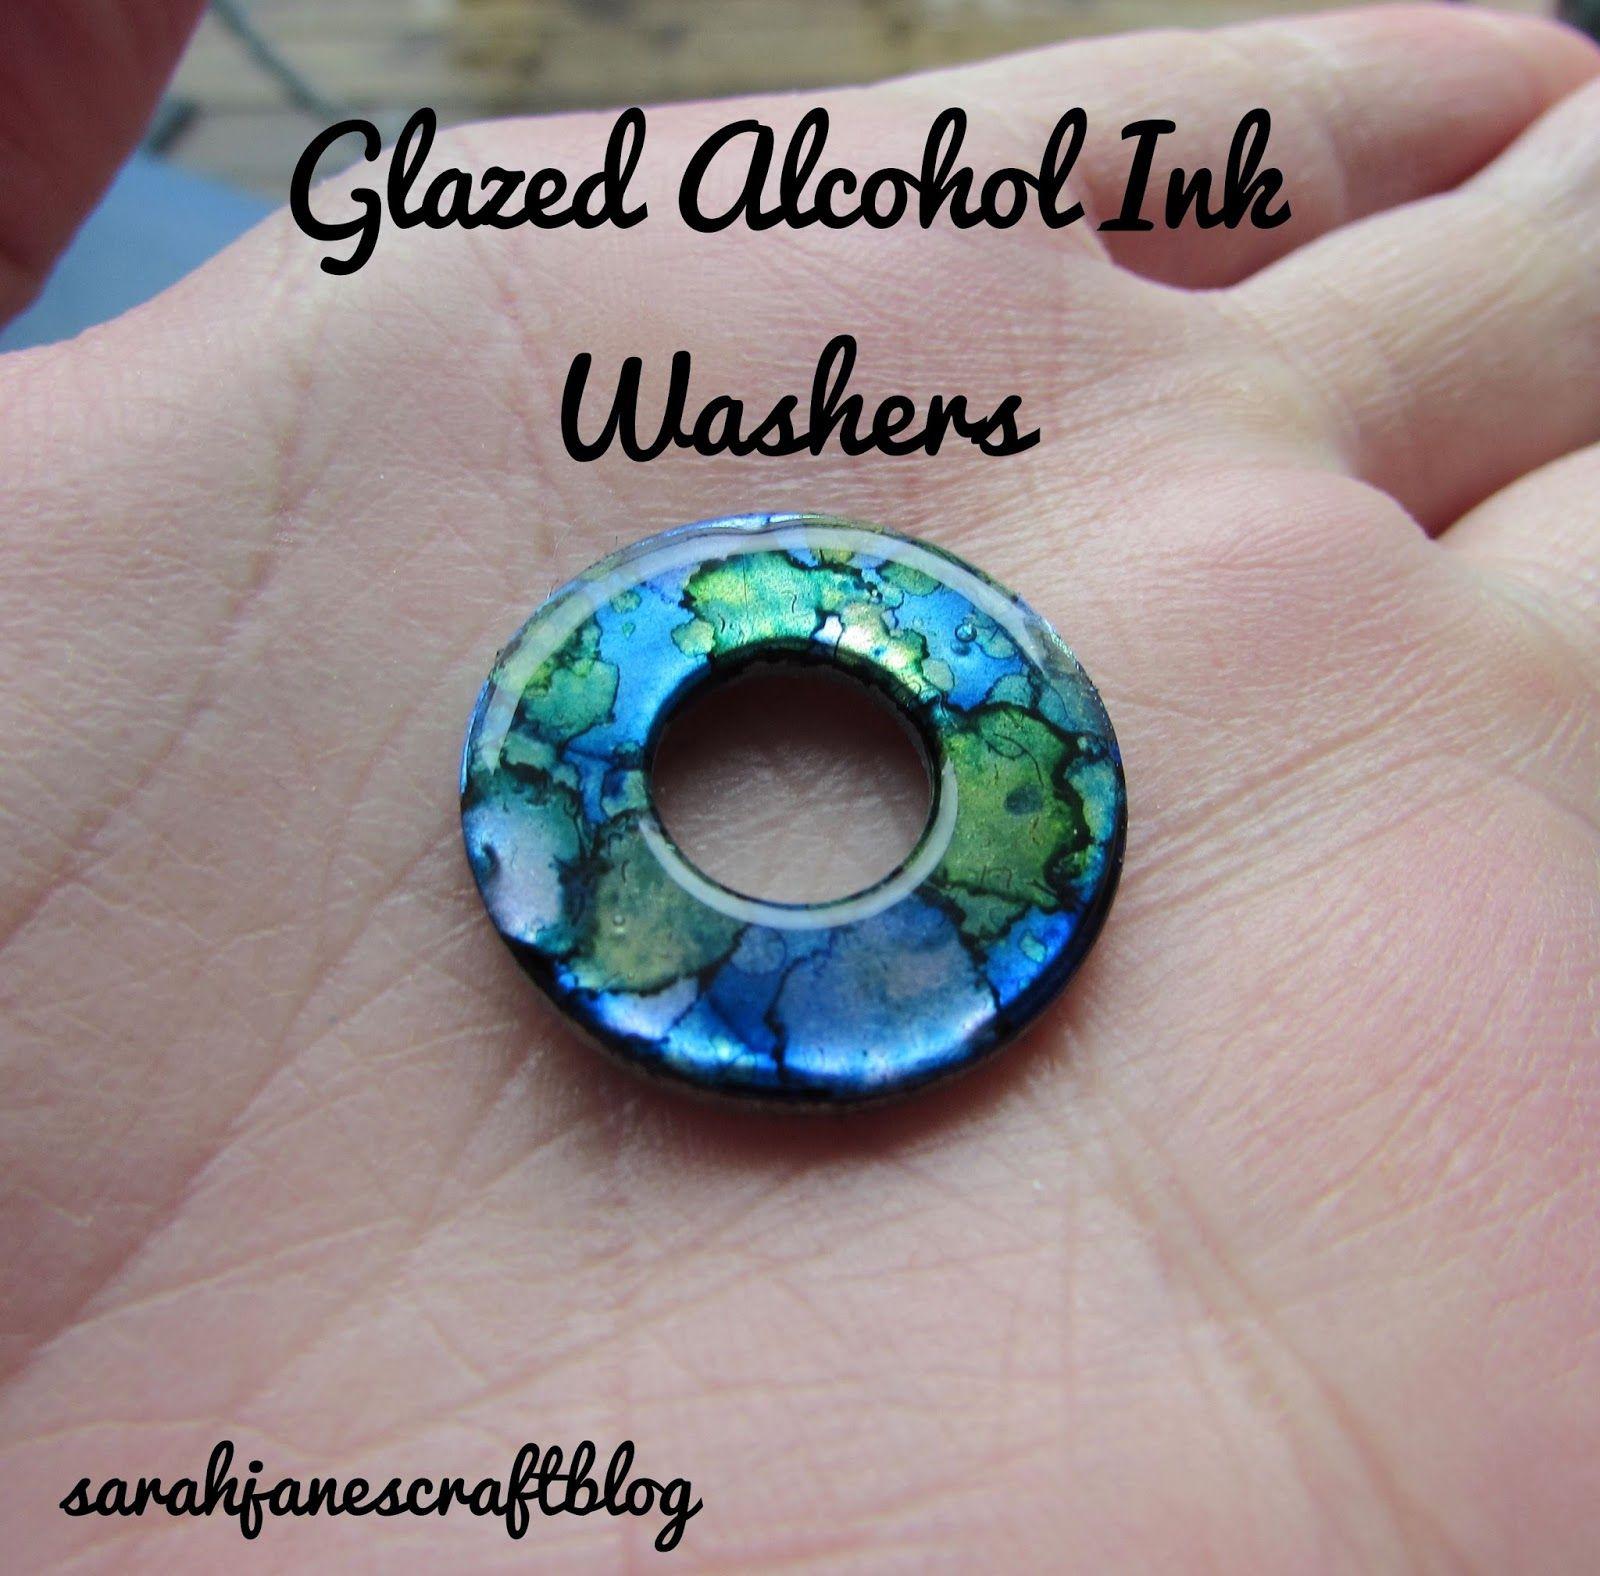 Glazed Alcohol Ink Washers #alcoholinkcrafts